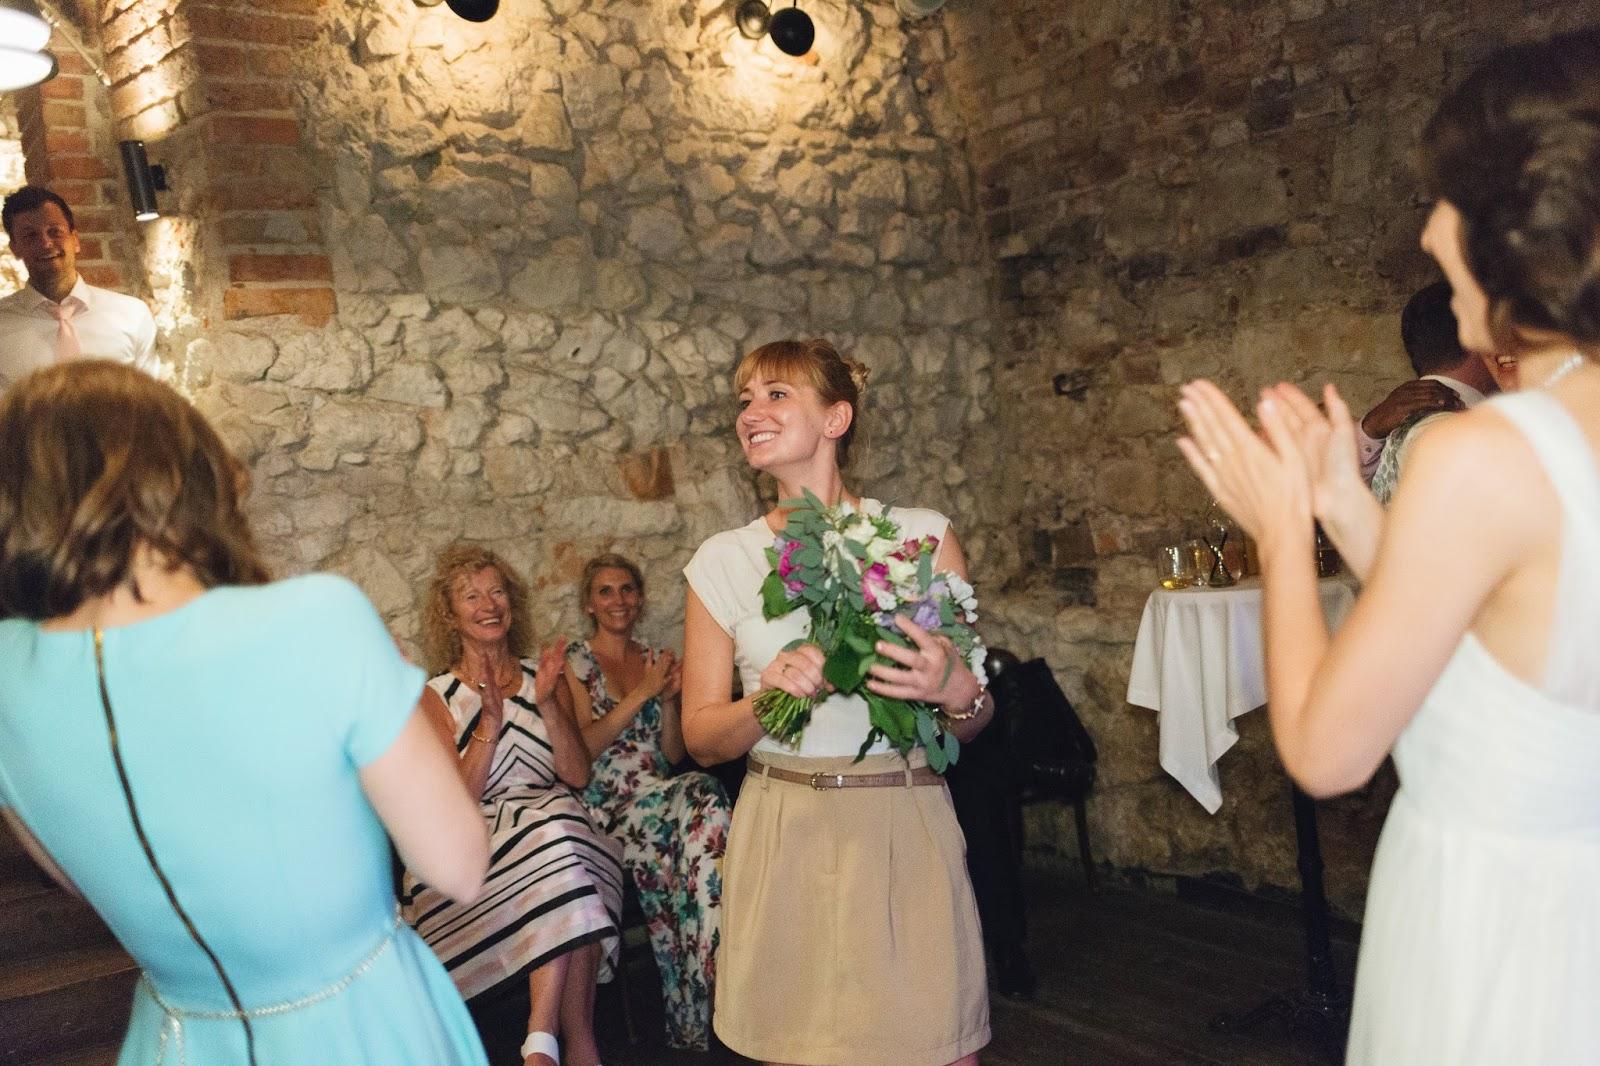 Wesele w Krakowie, Tradycyjne wesele, oczepiny, zabawy weselne, zwyczaje weselne, Jak powinny wyglądać oczepiny, Czy organizować oczepiny, Organizacja wesela, Planowanie wesela